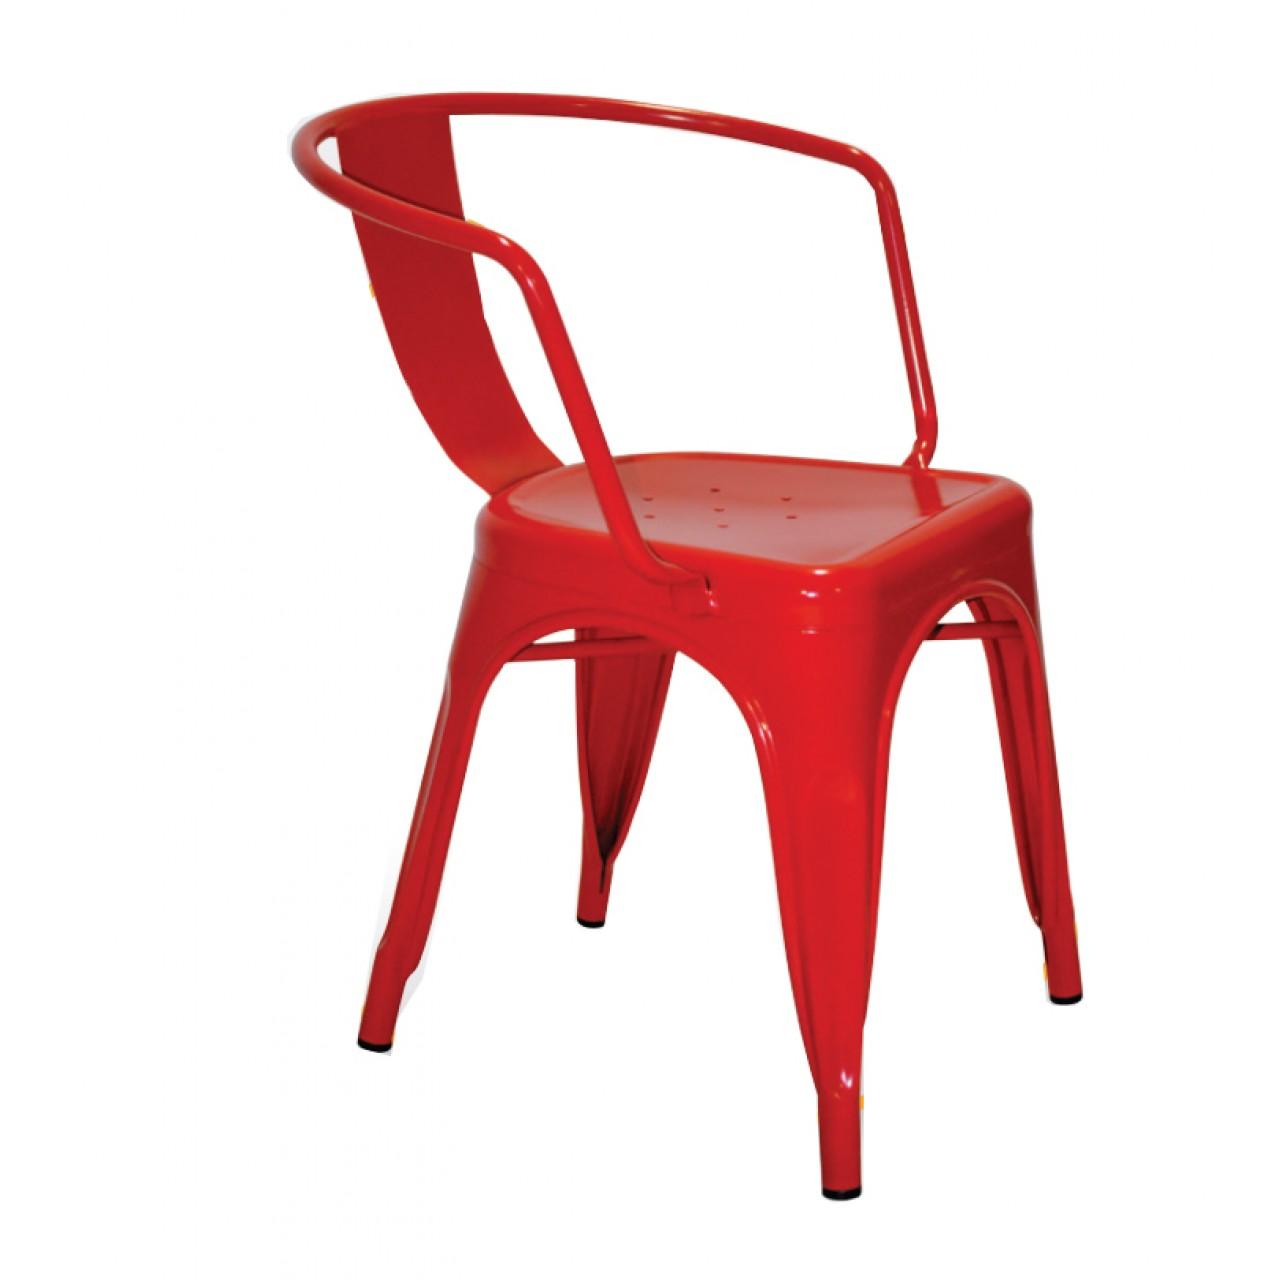 Καρέκλα Industrial Κόκκινο Ξενοδοχειακά / Επαγγελματικά